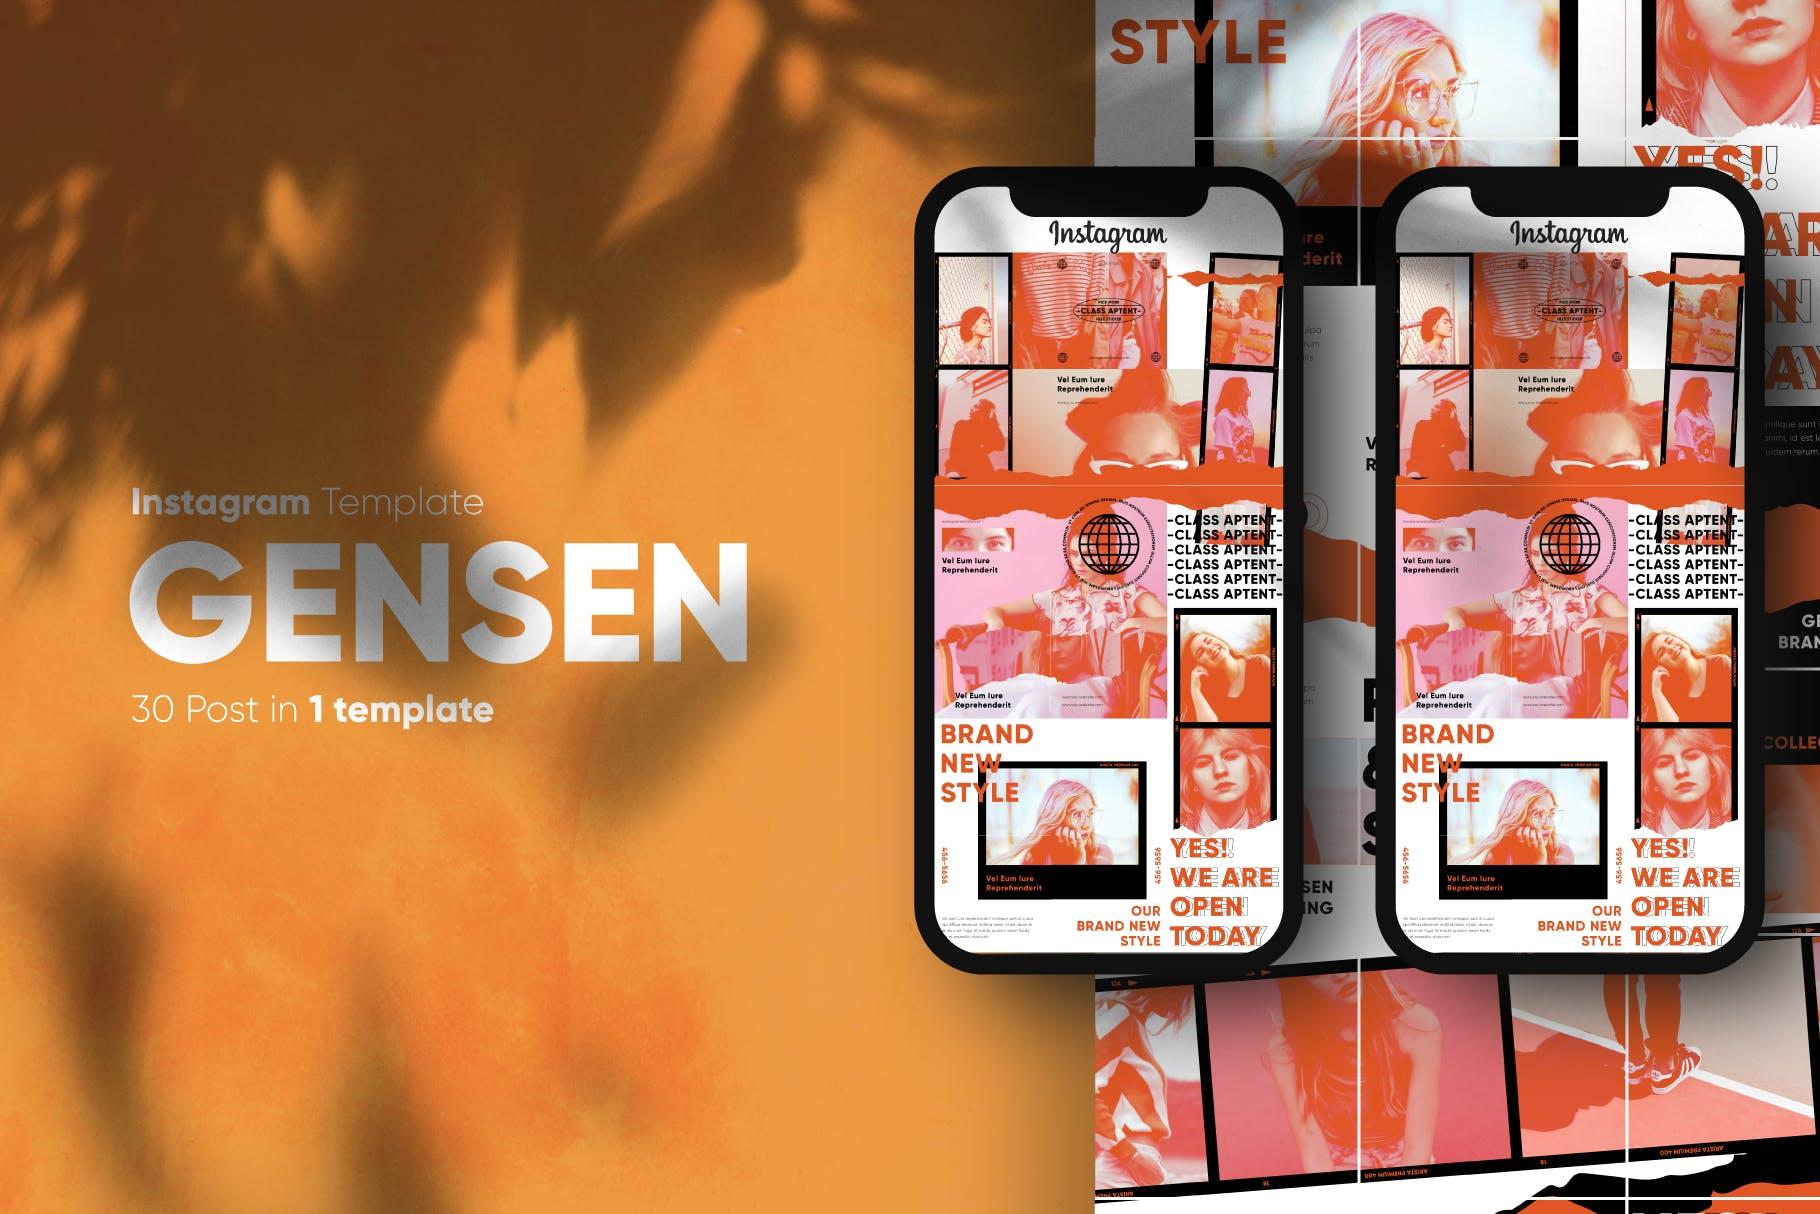 现代拼图效果新媒体推广电商海报设计模板 Gensen – Instagram Puzzle Template插图(1)